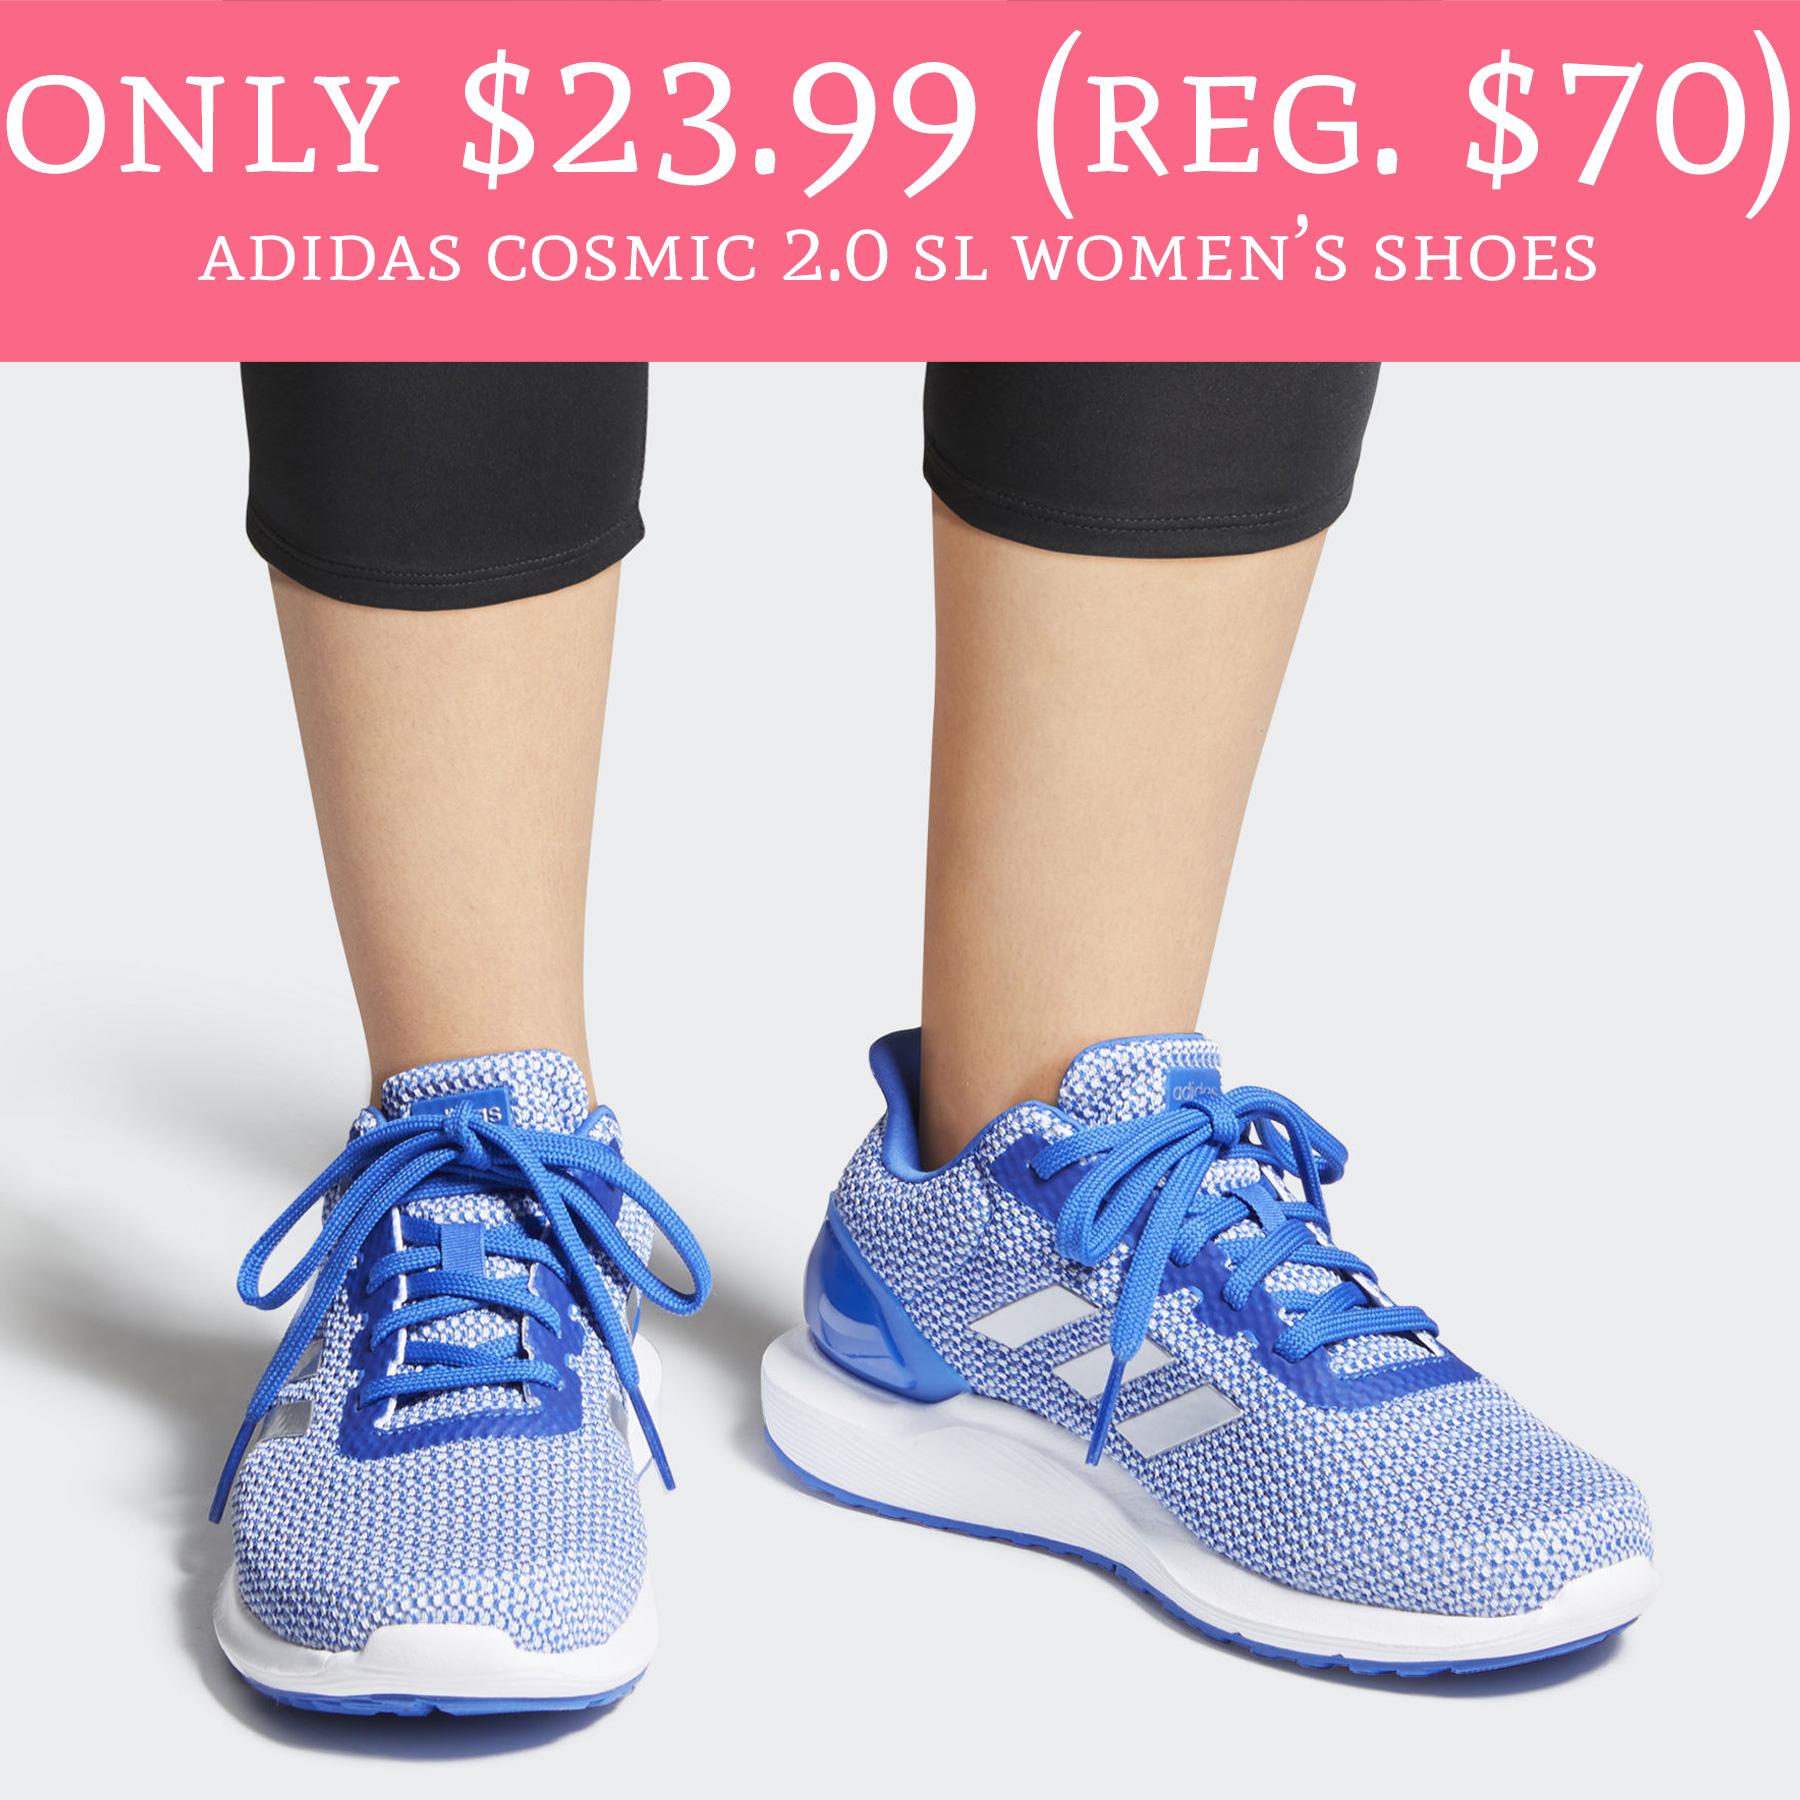 888e7382aab4d3 Only  23.99 (Regular  70) Adidas Cosmic 2.0 SL Women s Shoes - Deal ...